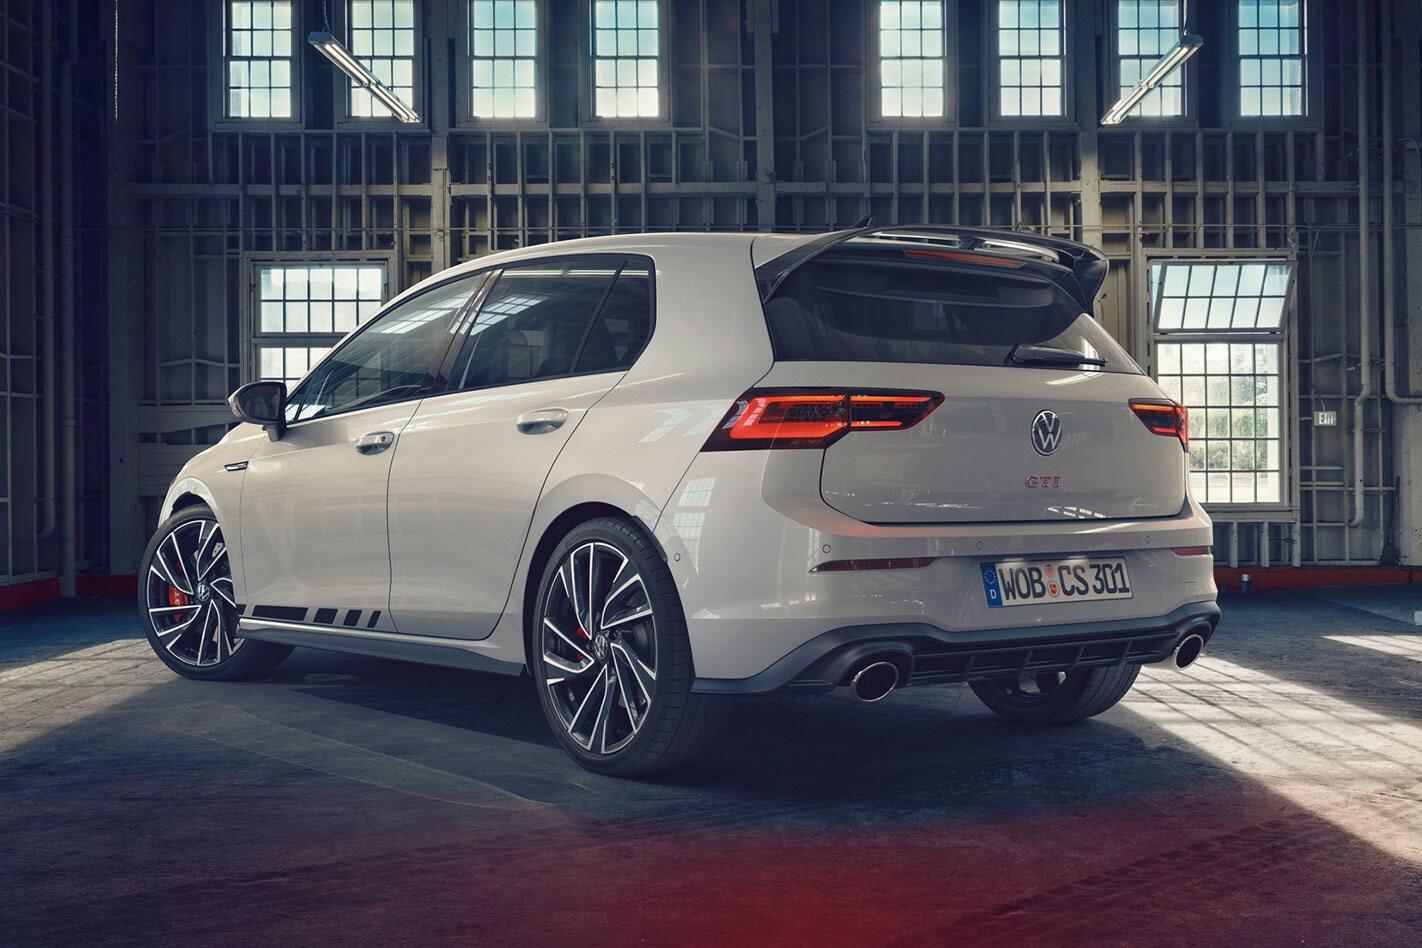 2020 VW Golf GTI Clubsport